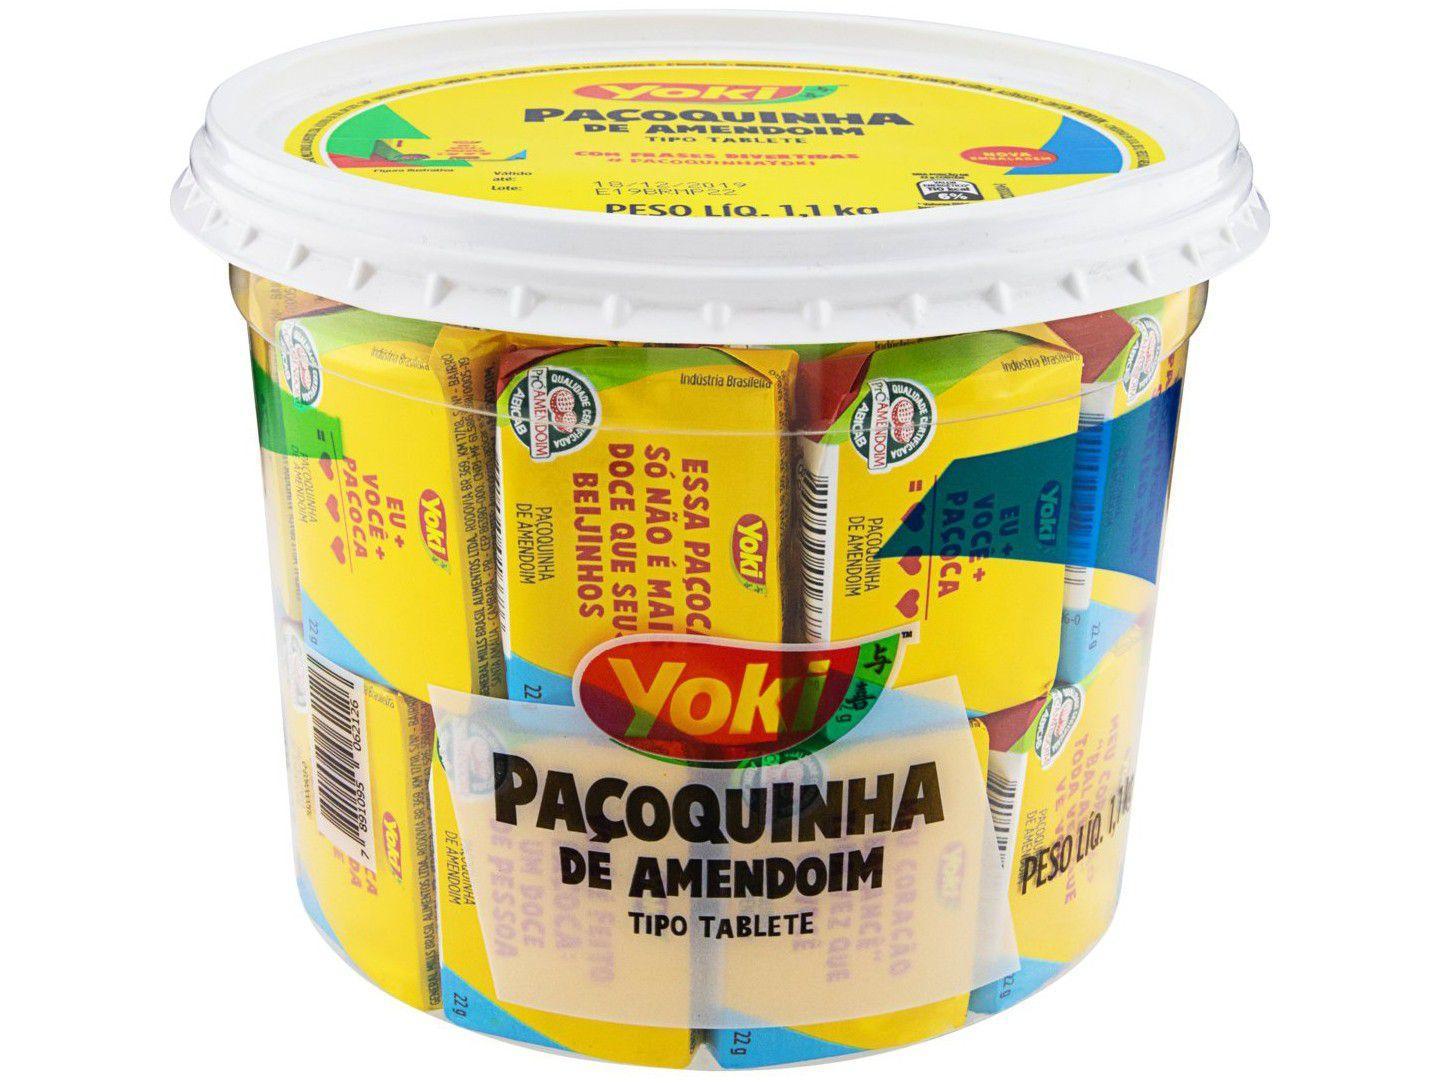 Paçoca Tablete Original Yoki - 1,1kg